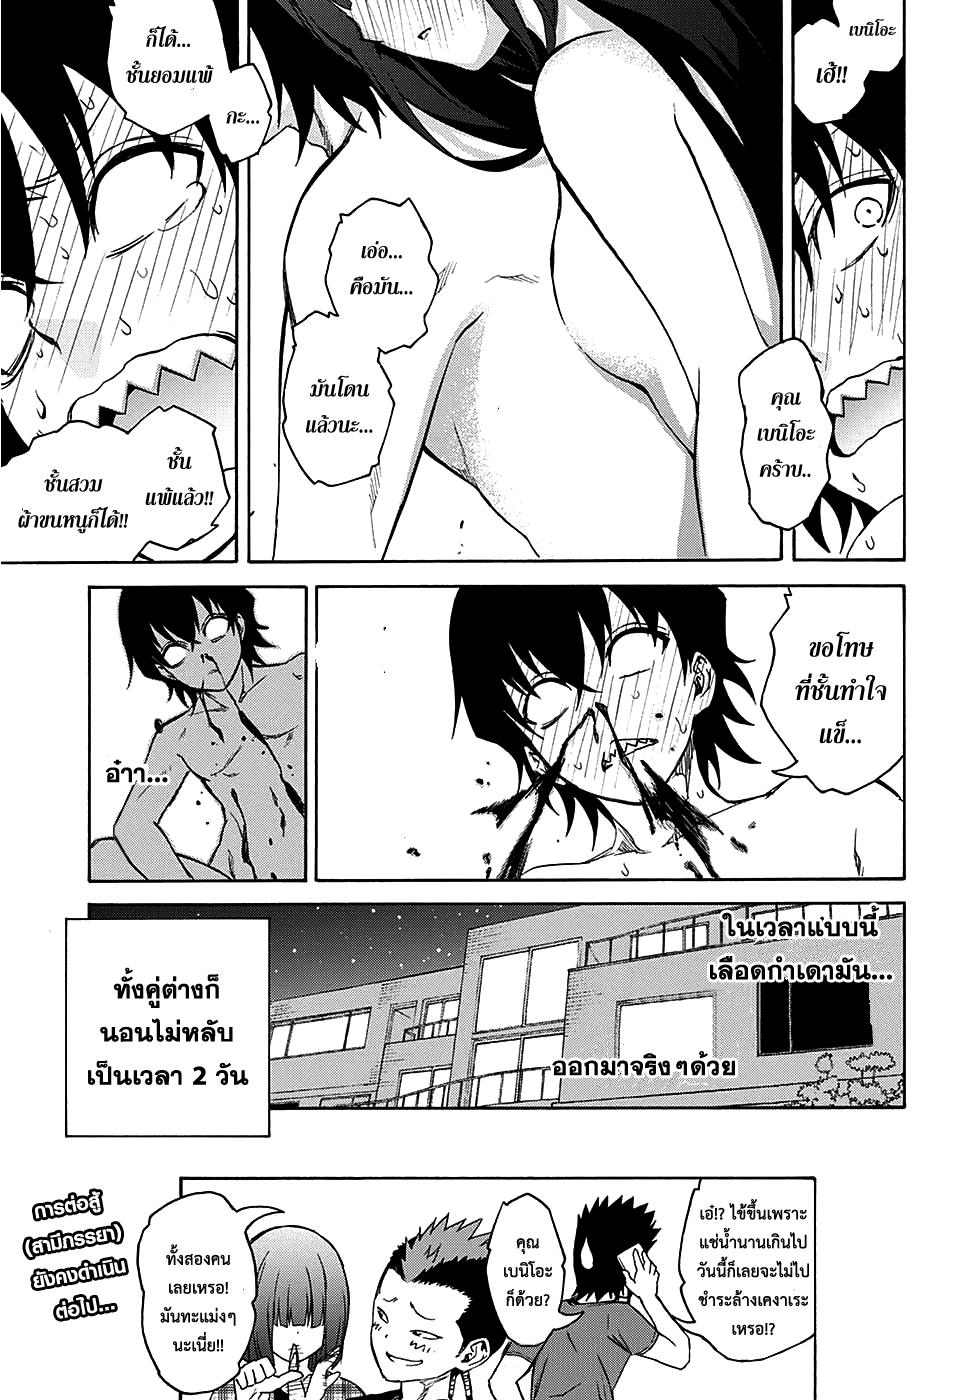 อ่านการ์ตูน Sousei no Onmyouji ตอนที่ 20.5 หน้าที่ 15